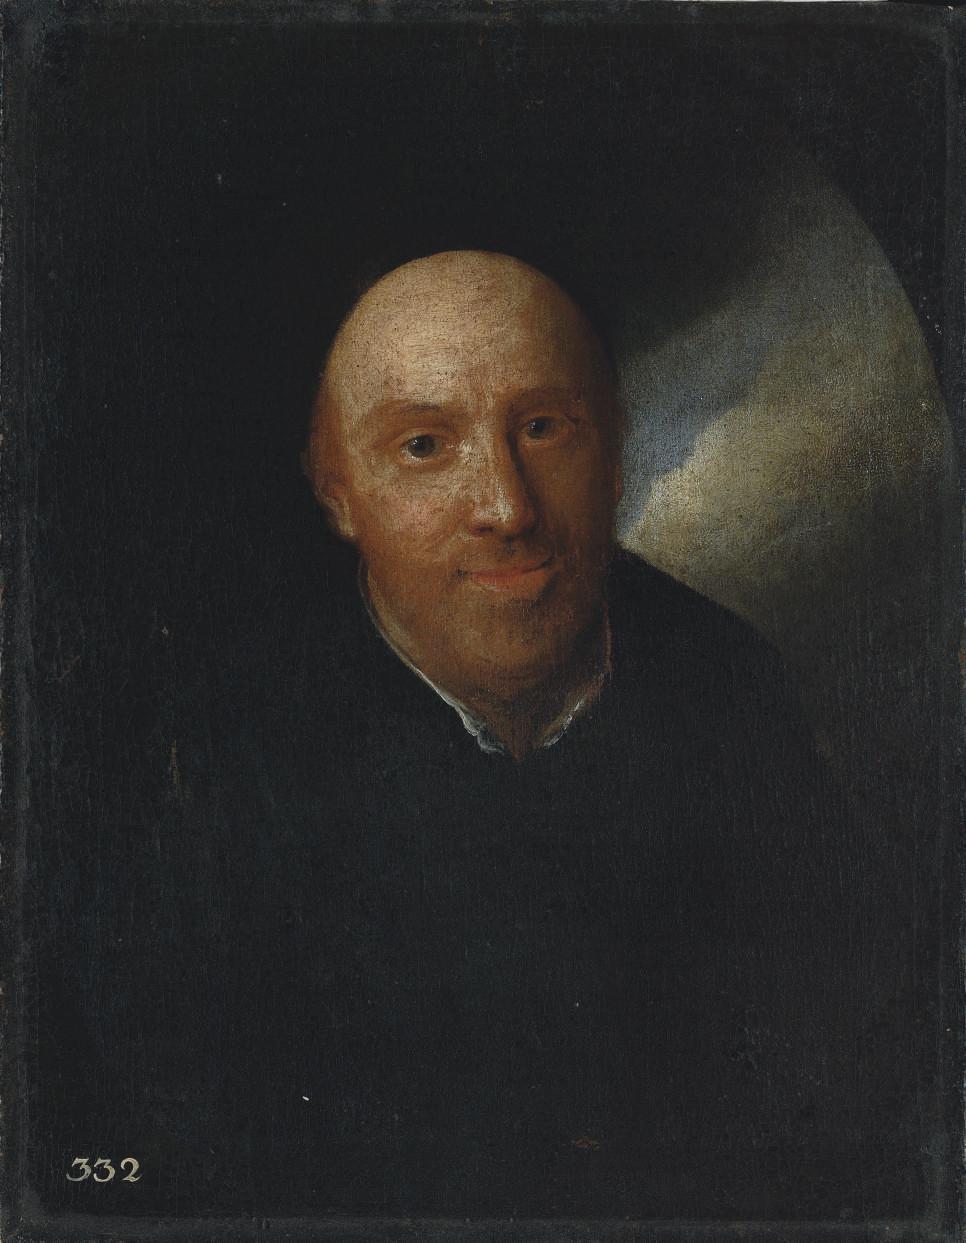 Vittore Ghislandi, called Fra